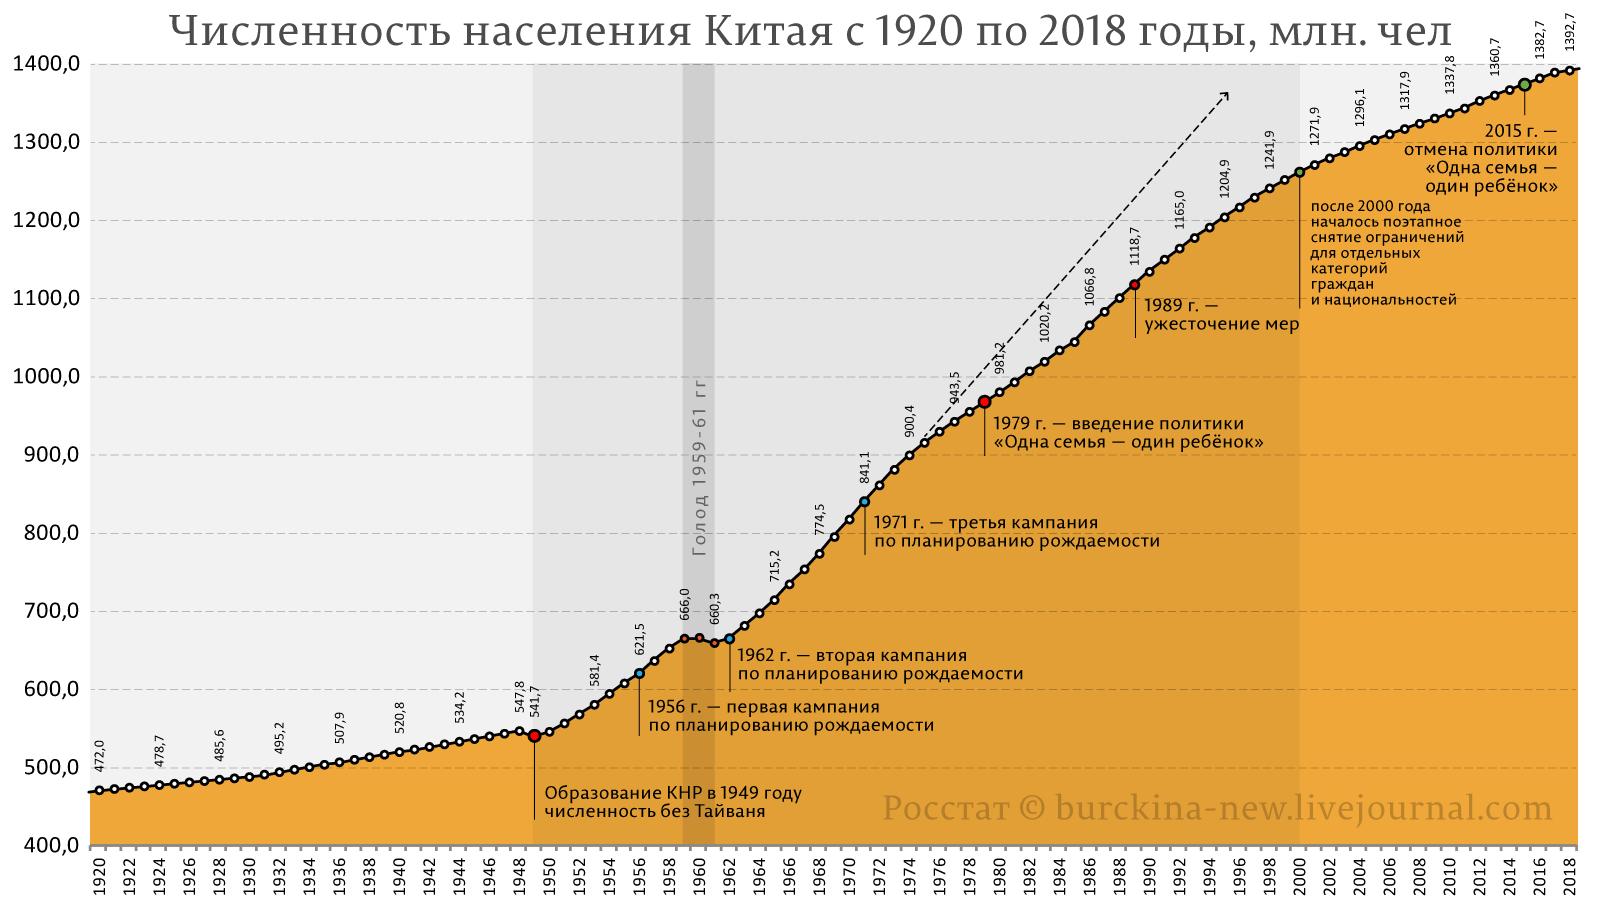 Численность-населения-Китая-с-1920-по-2018-годы,-млн.-чел